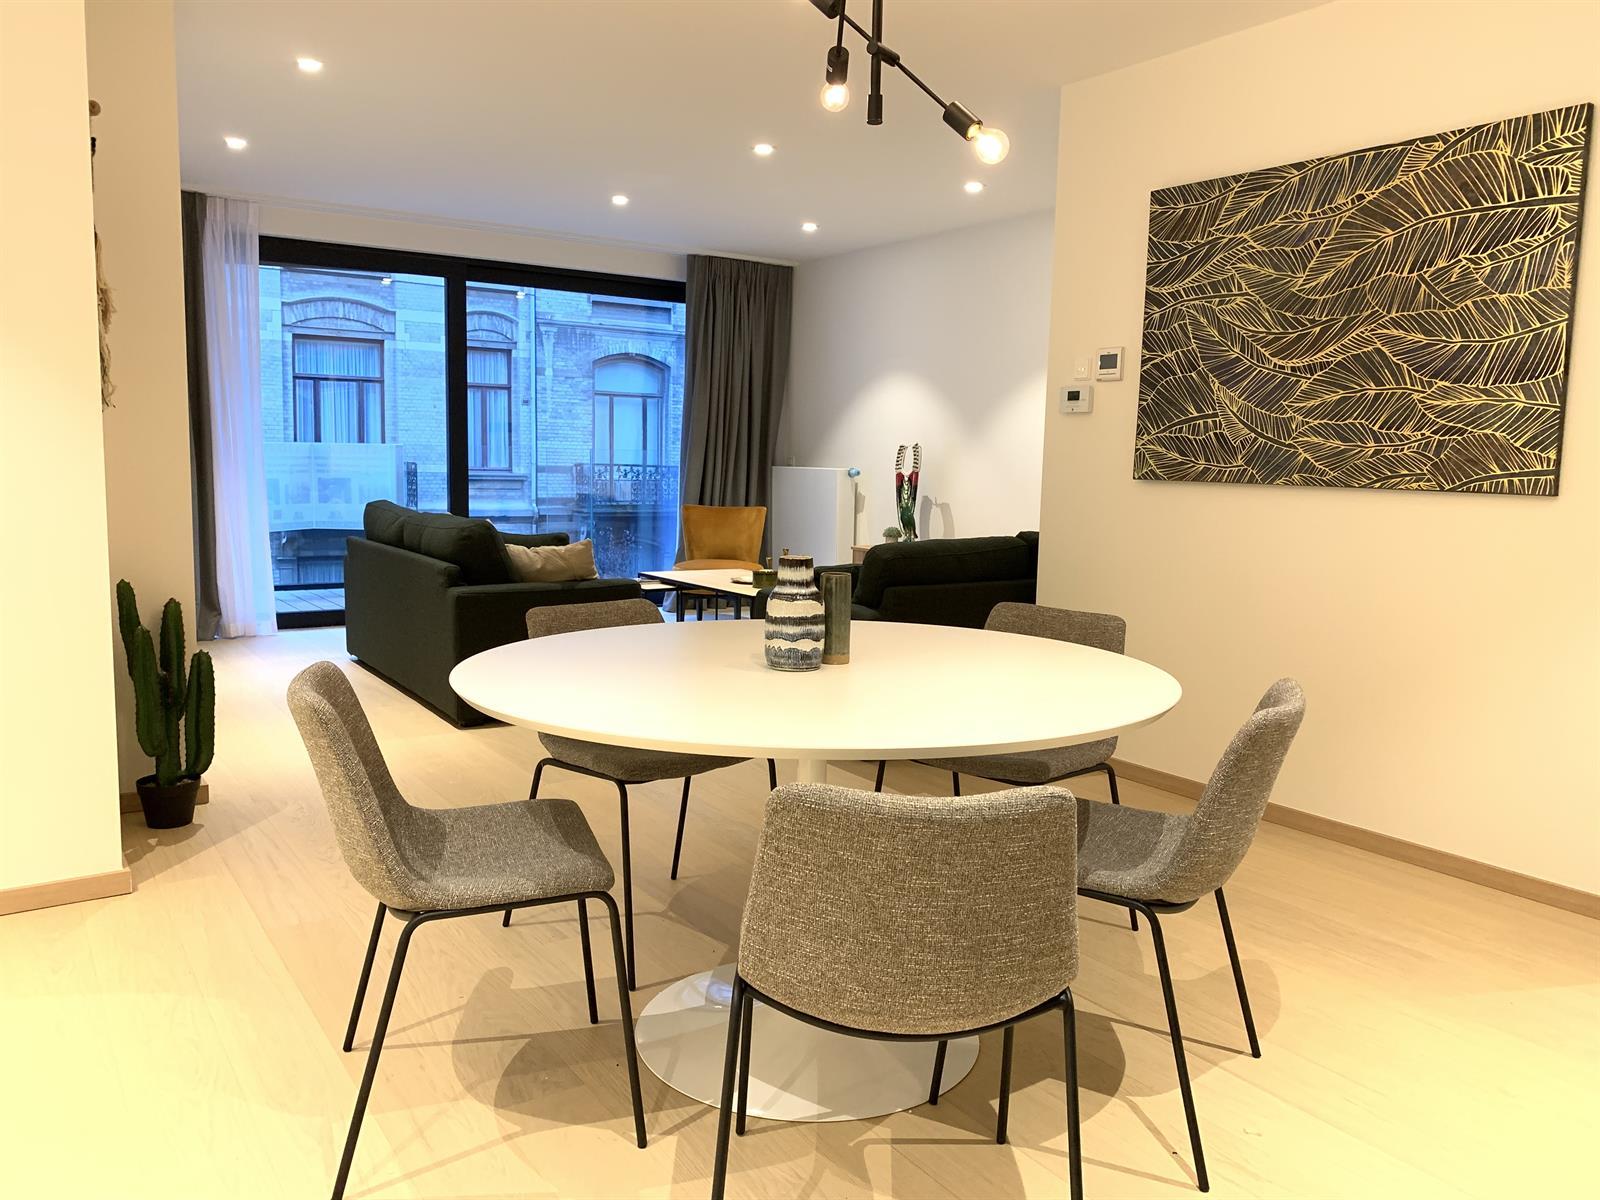 Appartement exceptionnel - Ixelles - #3929616-2